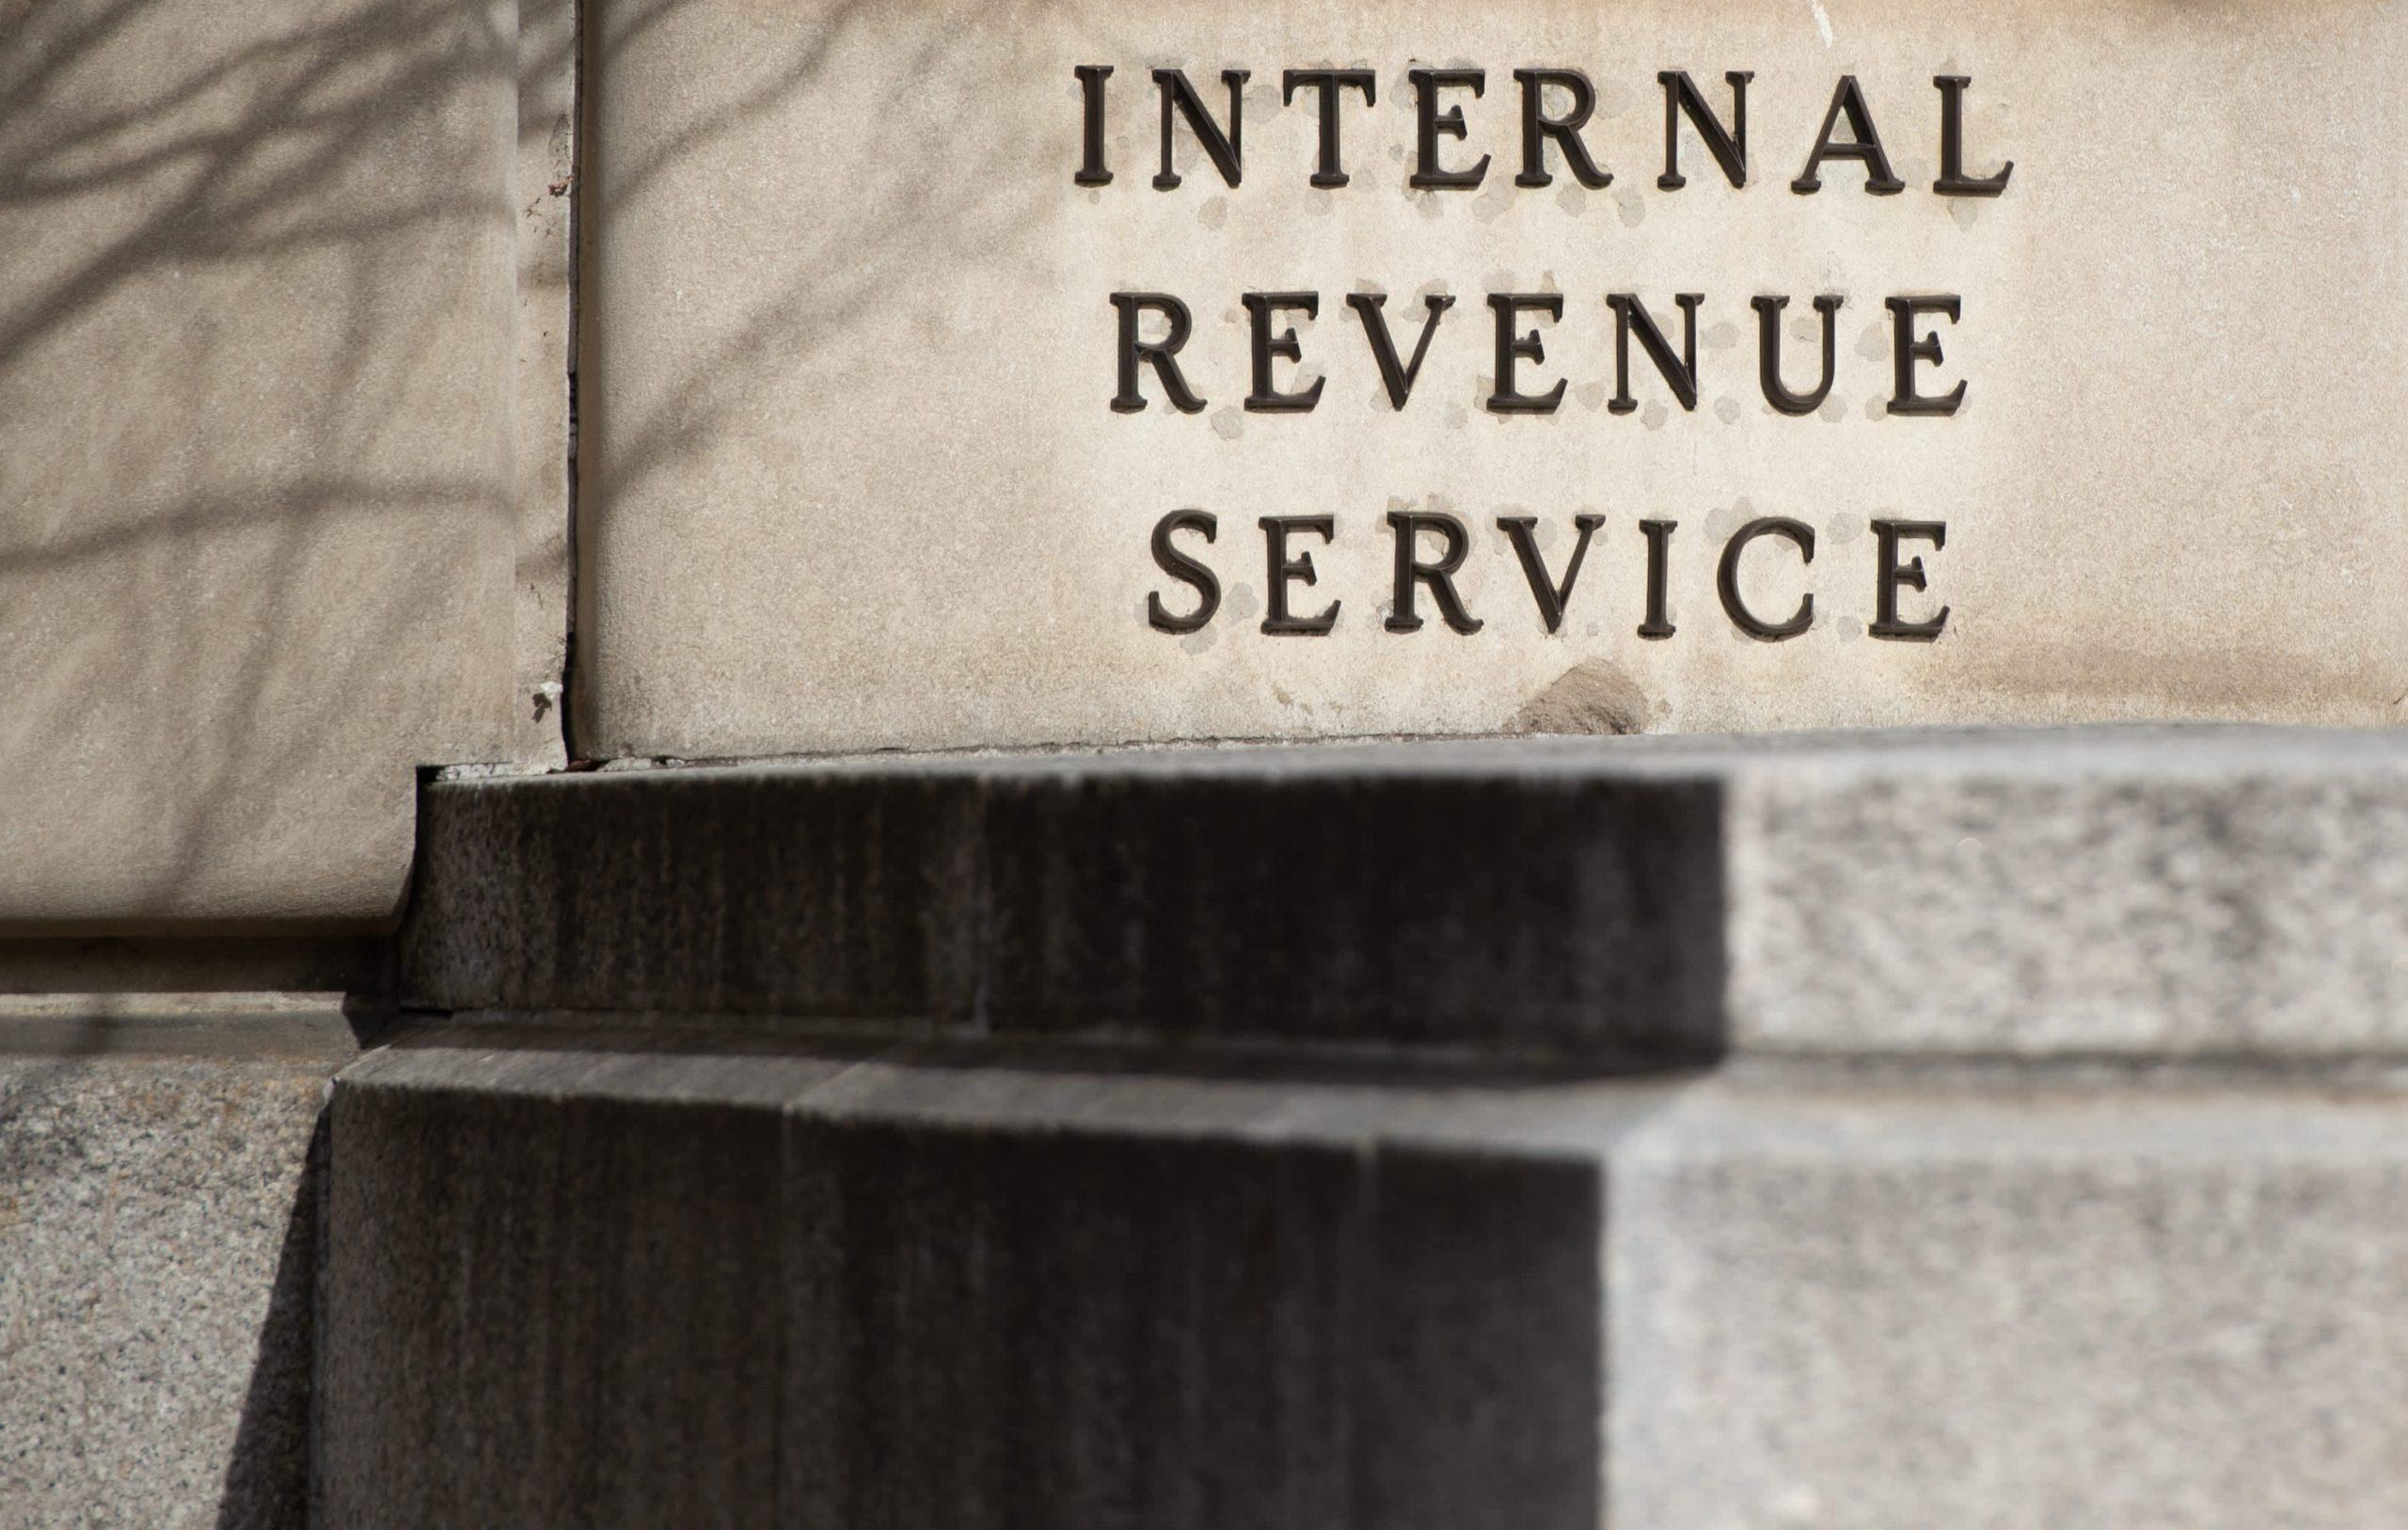 El Tesoro dice que la brecha fiscal se disparará a $ 7 billones durante la próxima década, pide un IRS reforzado